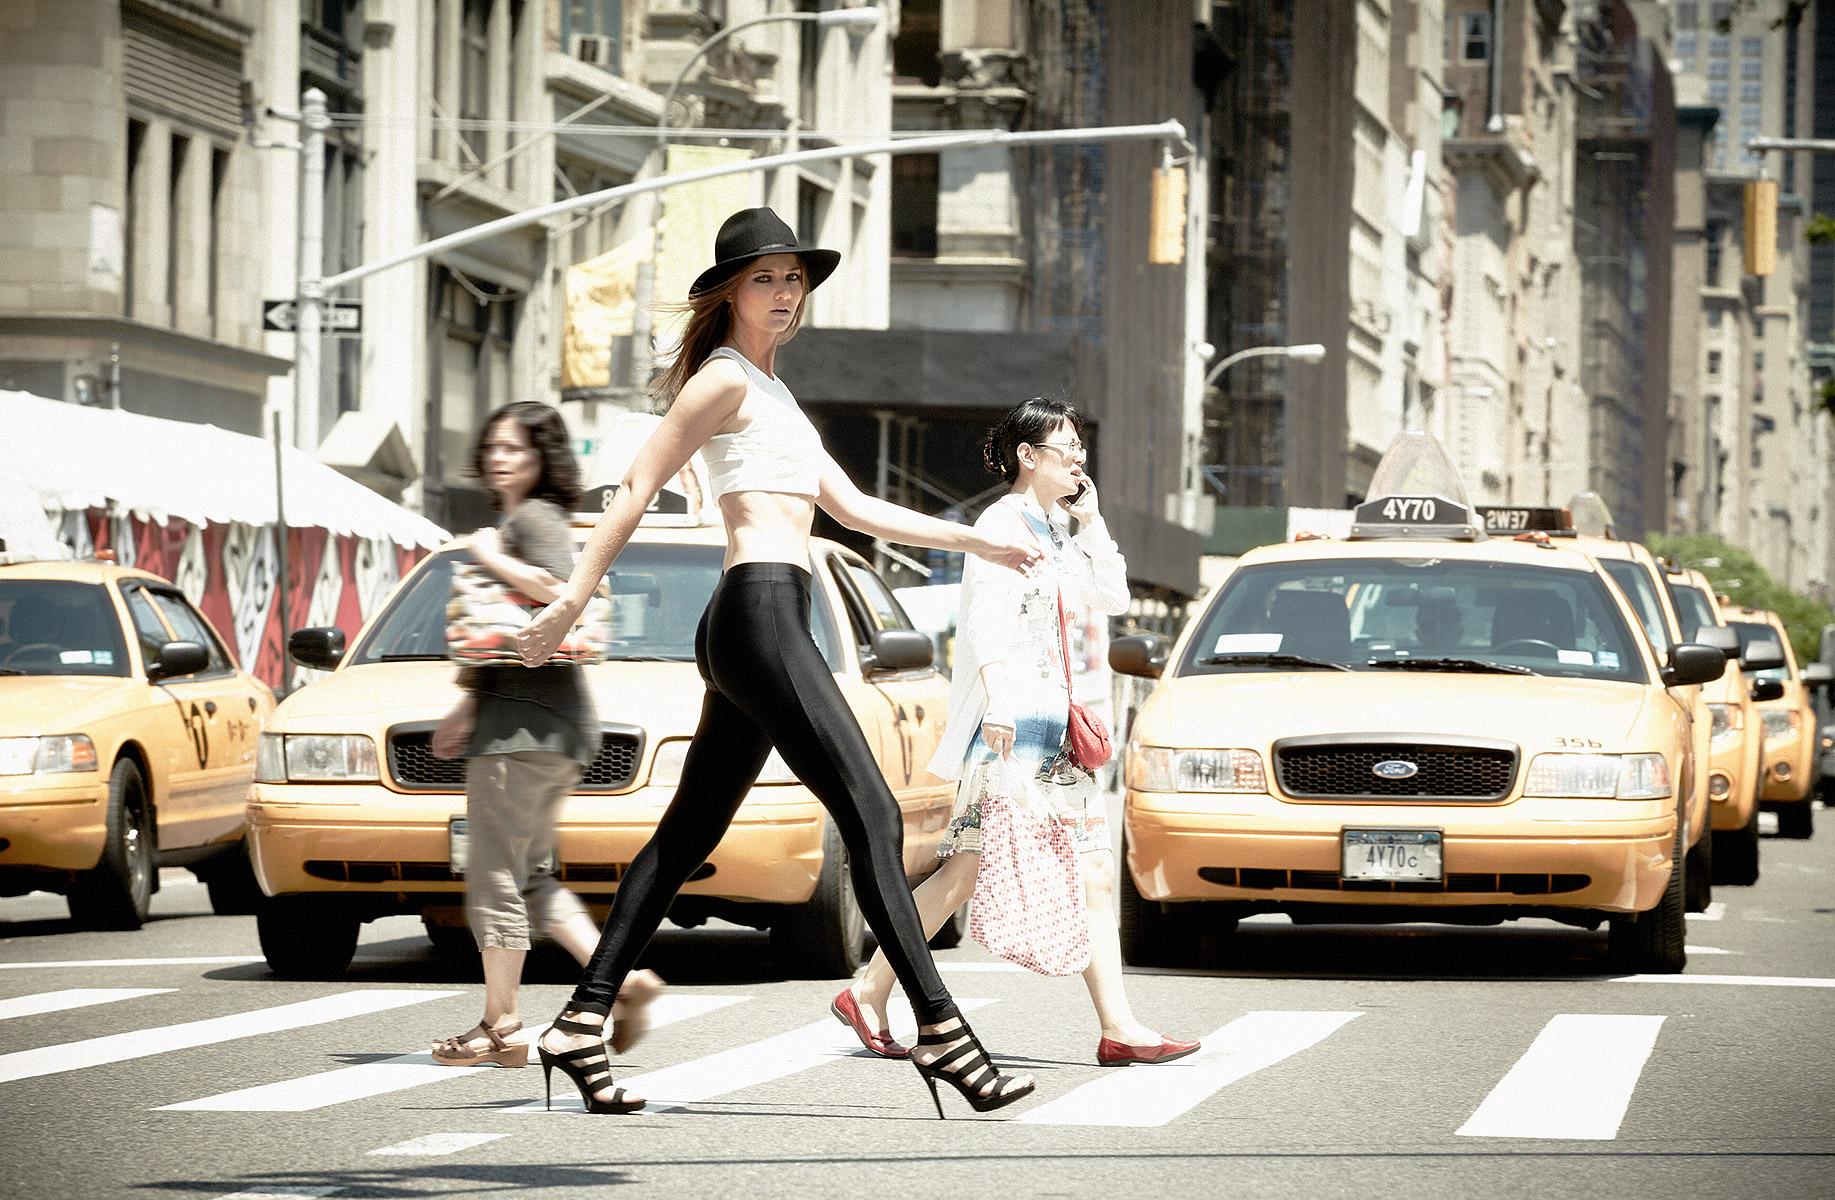 new-mexico-fashion-photographer-santa-fe-albuquerque-8.jpg